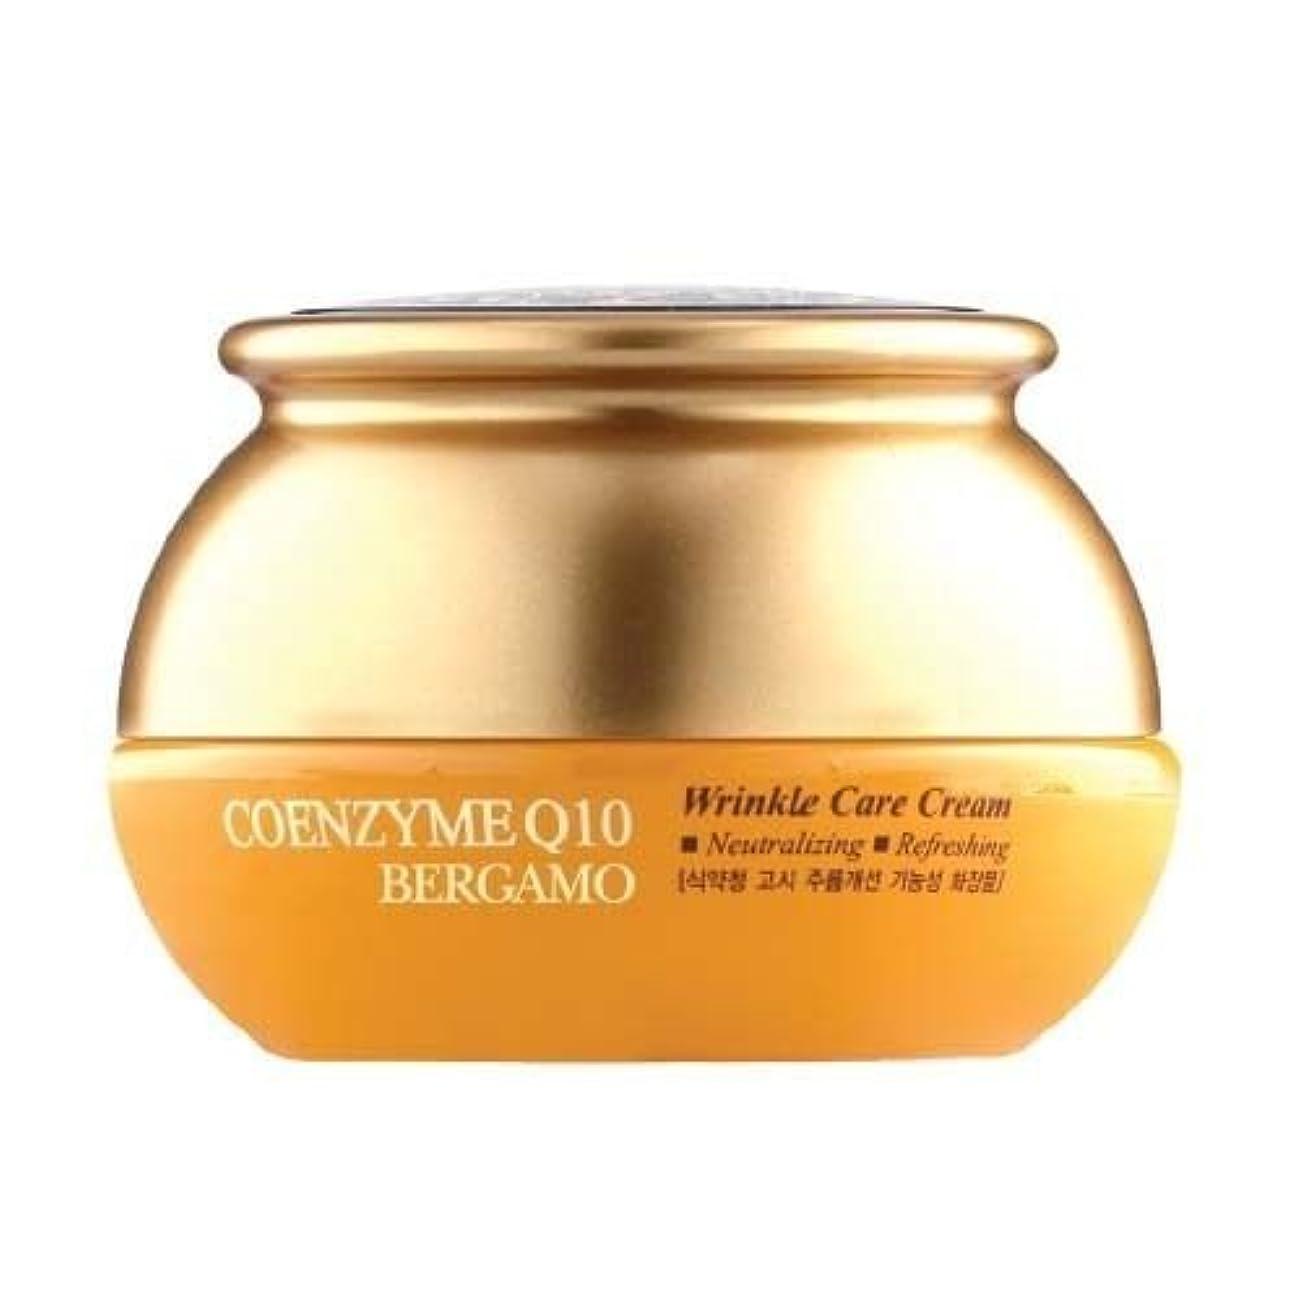 保護するメトロポリタン避難するベルガモ[韓国コスメBergamo]Coenzyme Q10 Wrinkle Care Cream コエンザイムQ10リンクルケアクリーム50ml しわ管理 [並行輸入品]